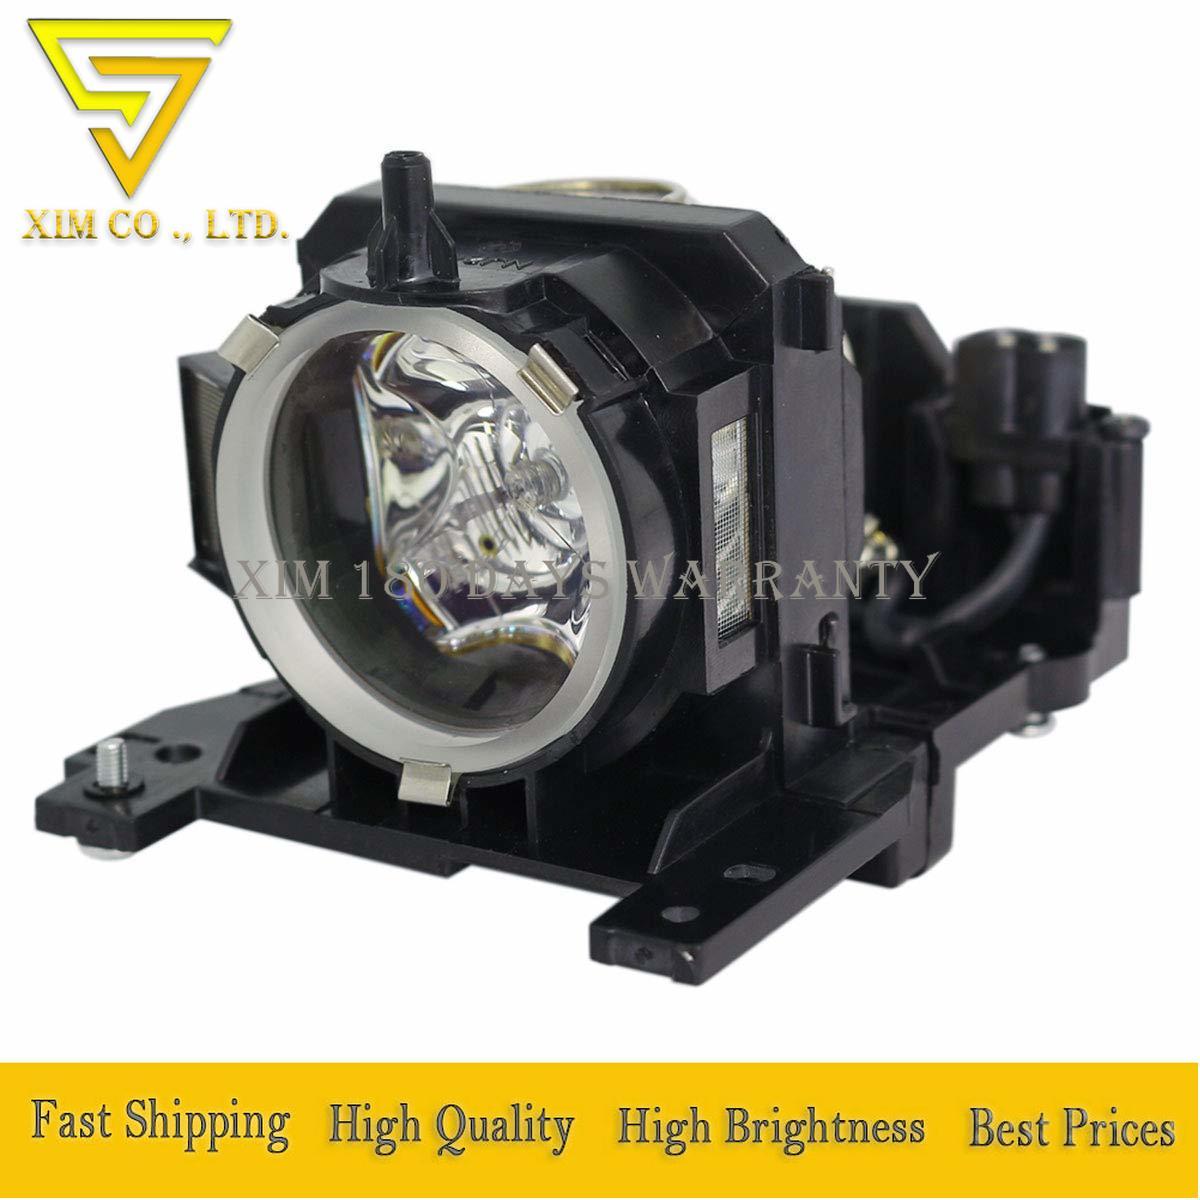 DT00911 DT00841 para HITACHI CP-WX400 WX410 X201 X206 X301 X306 X401 X450 X467 CP-ED-X31 X33 X200/X205/X30/X300/X300WF/X305/X32